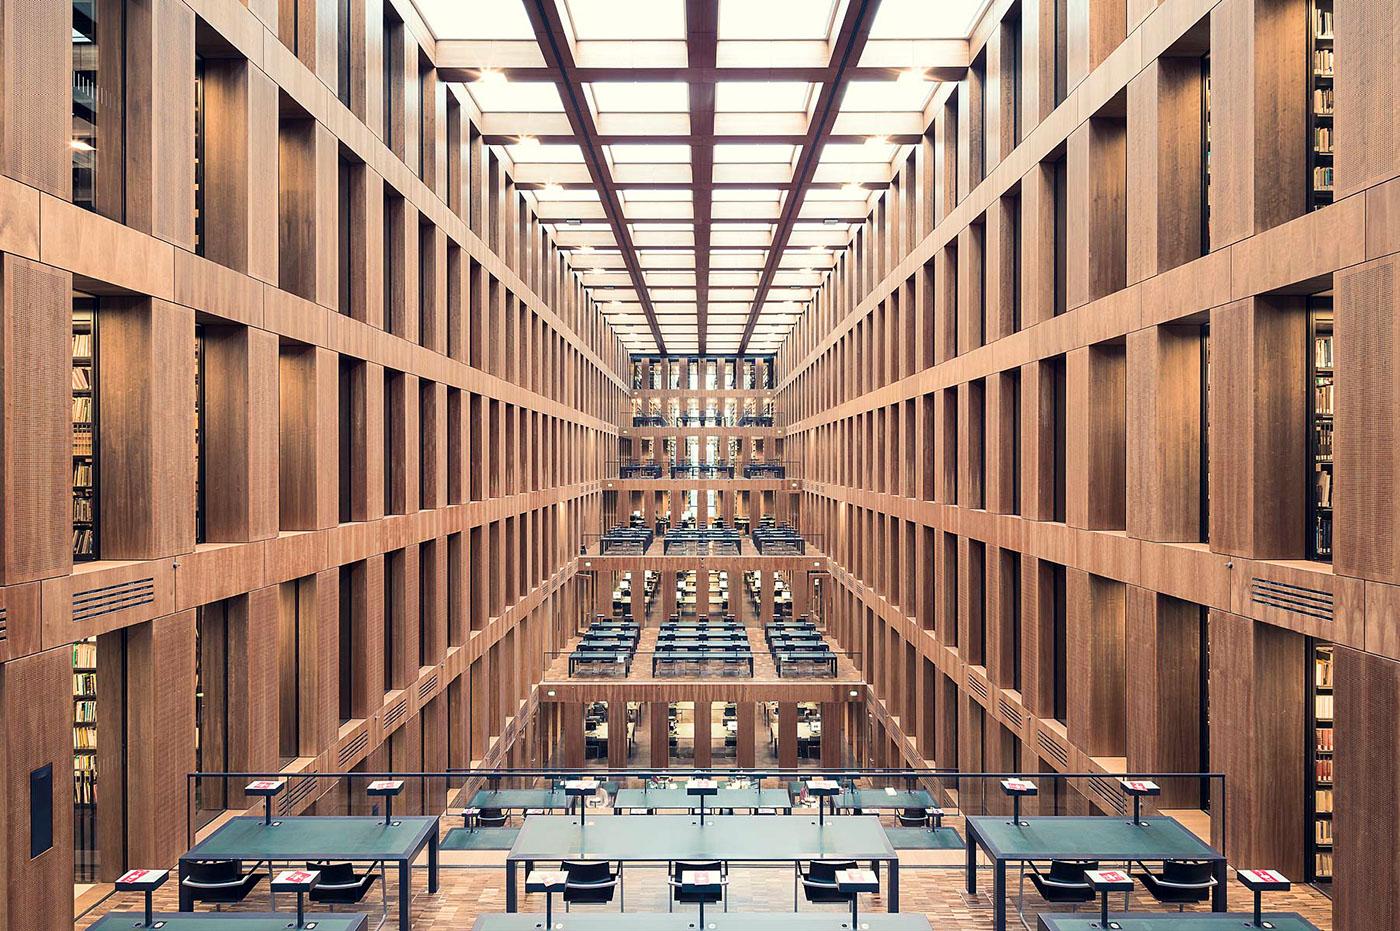 Grimm Zentrum Library, Berlin, 2009